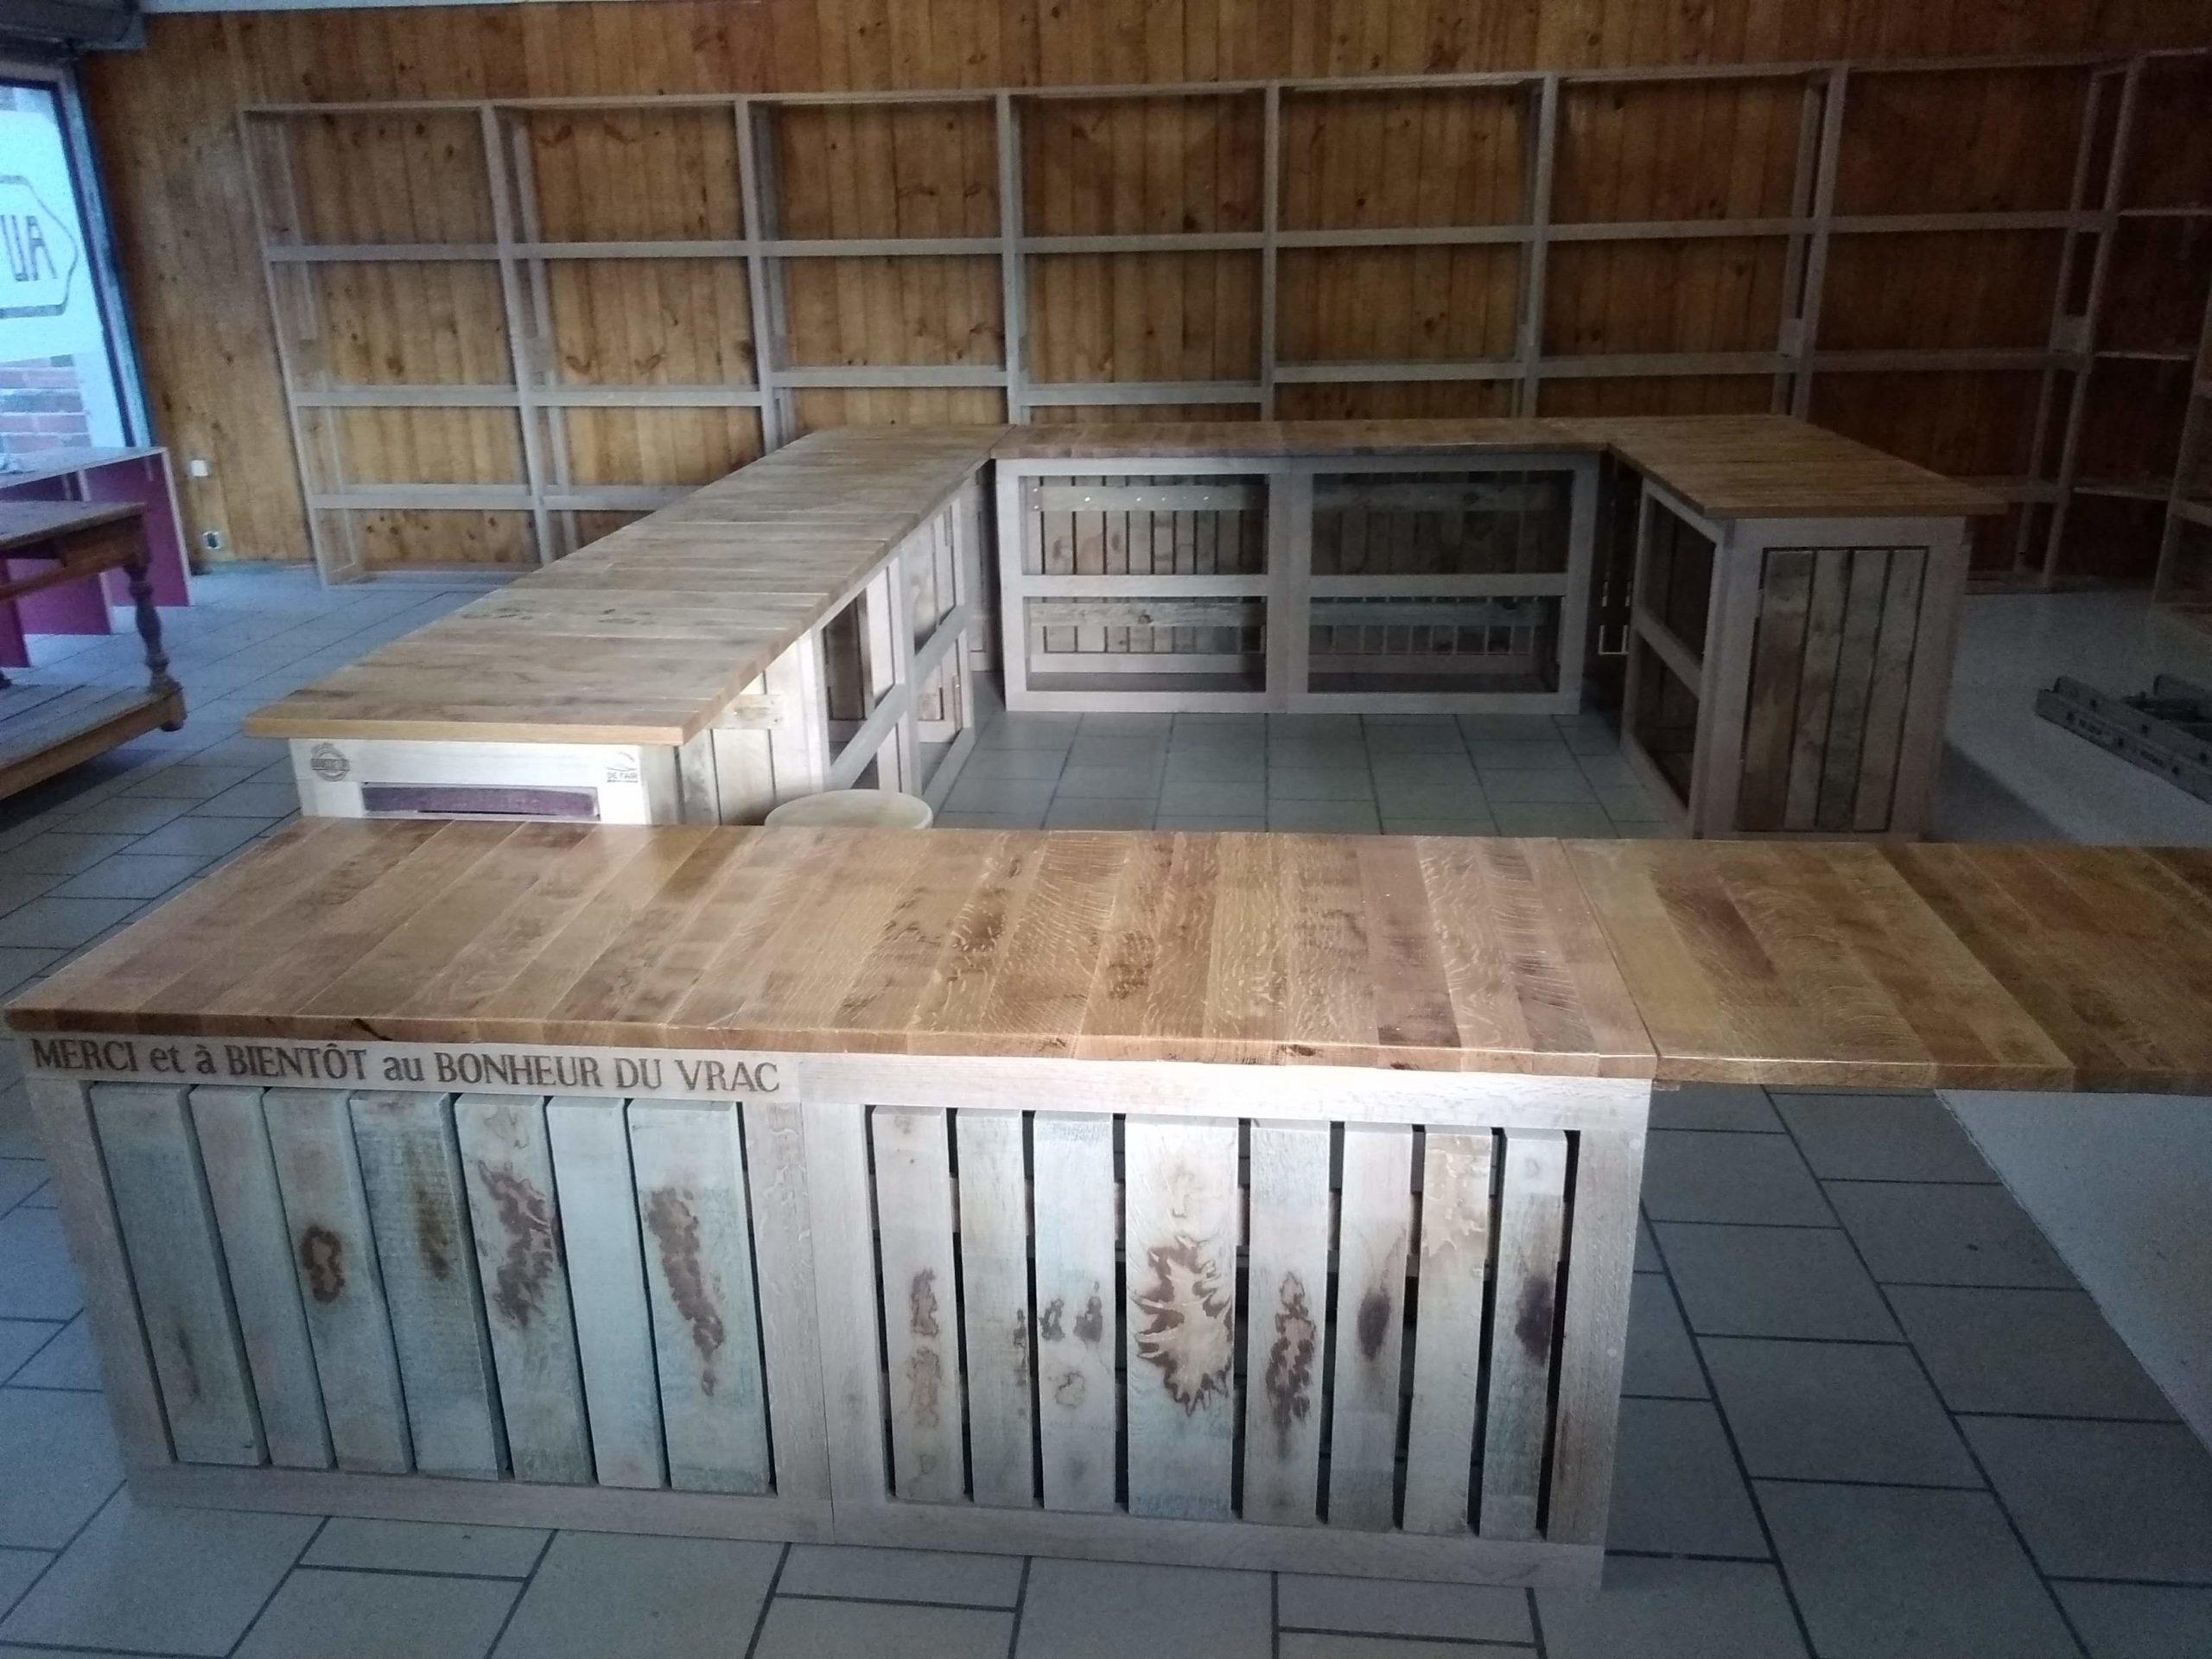 meubles artisanaux